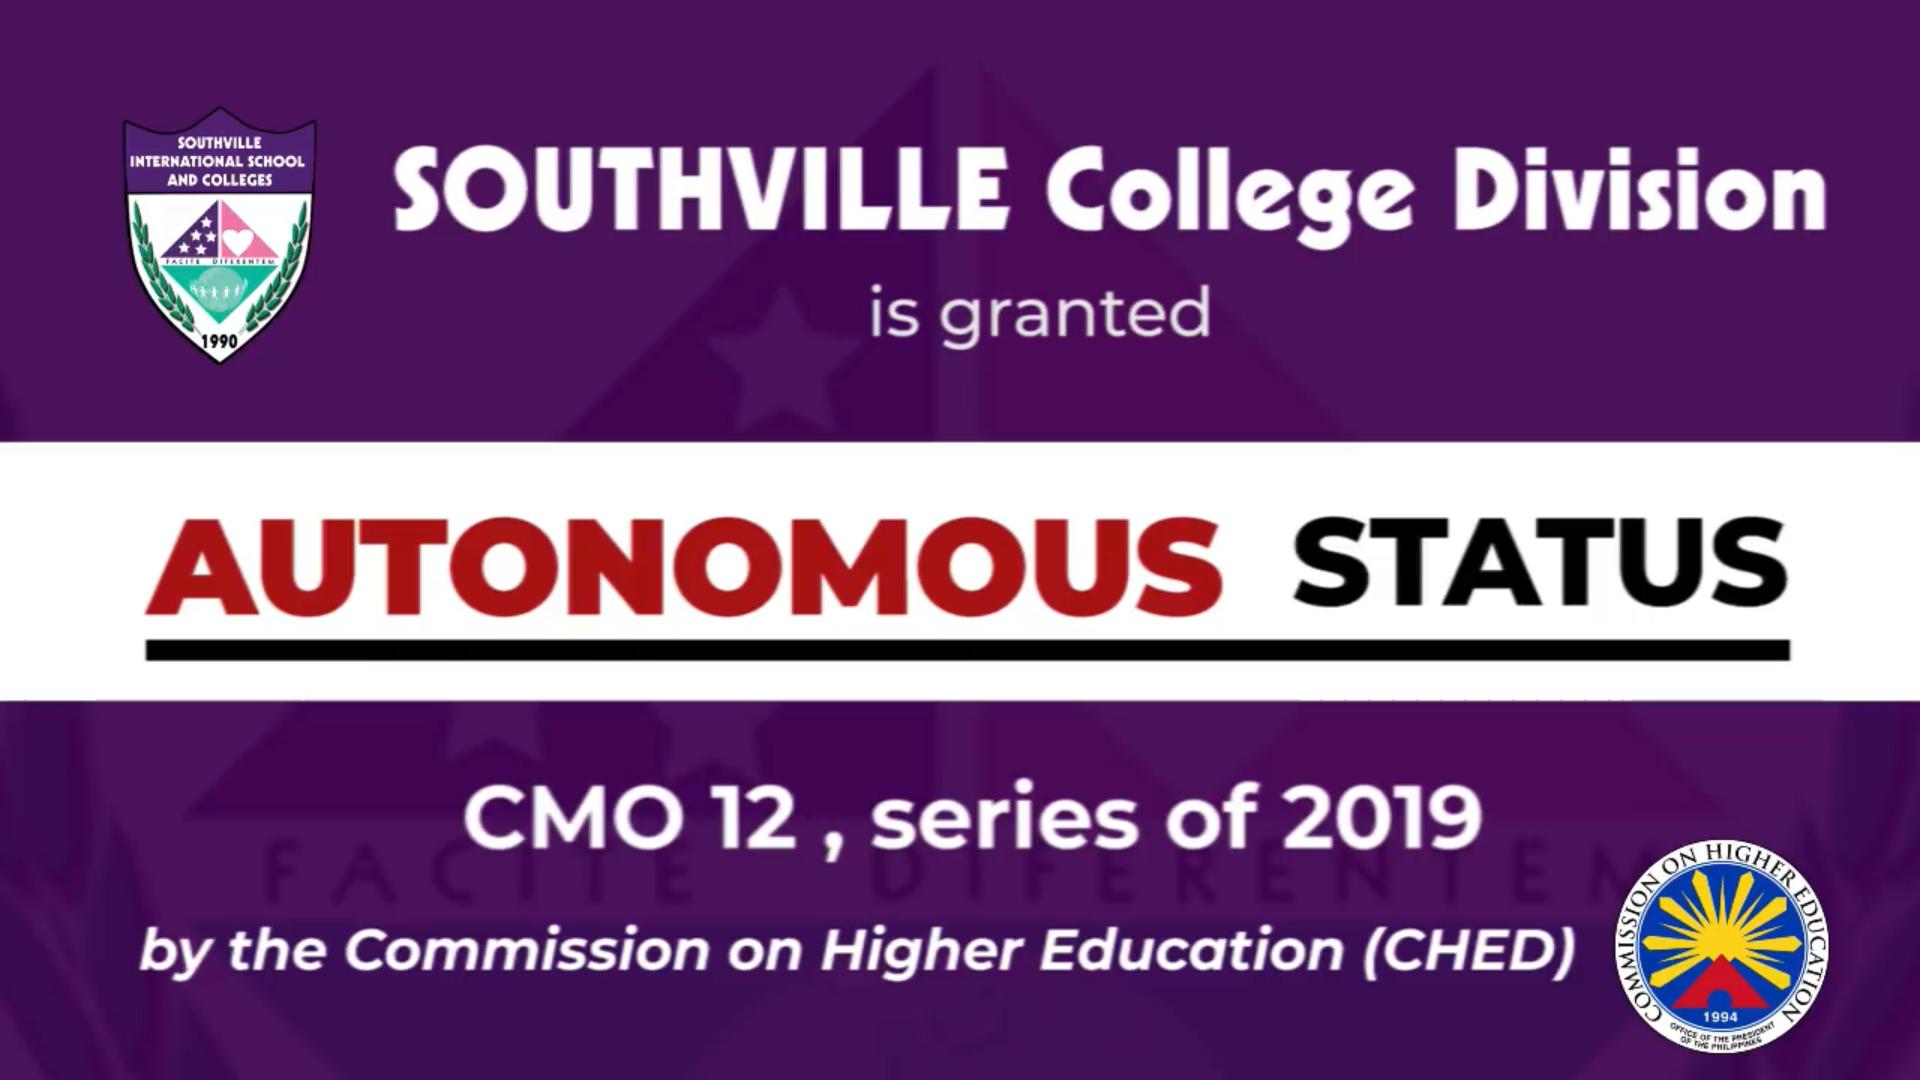 Southville College Division – NOW AUTONOMOUS!